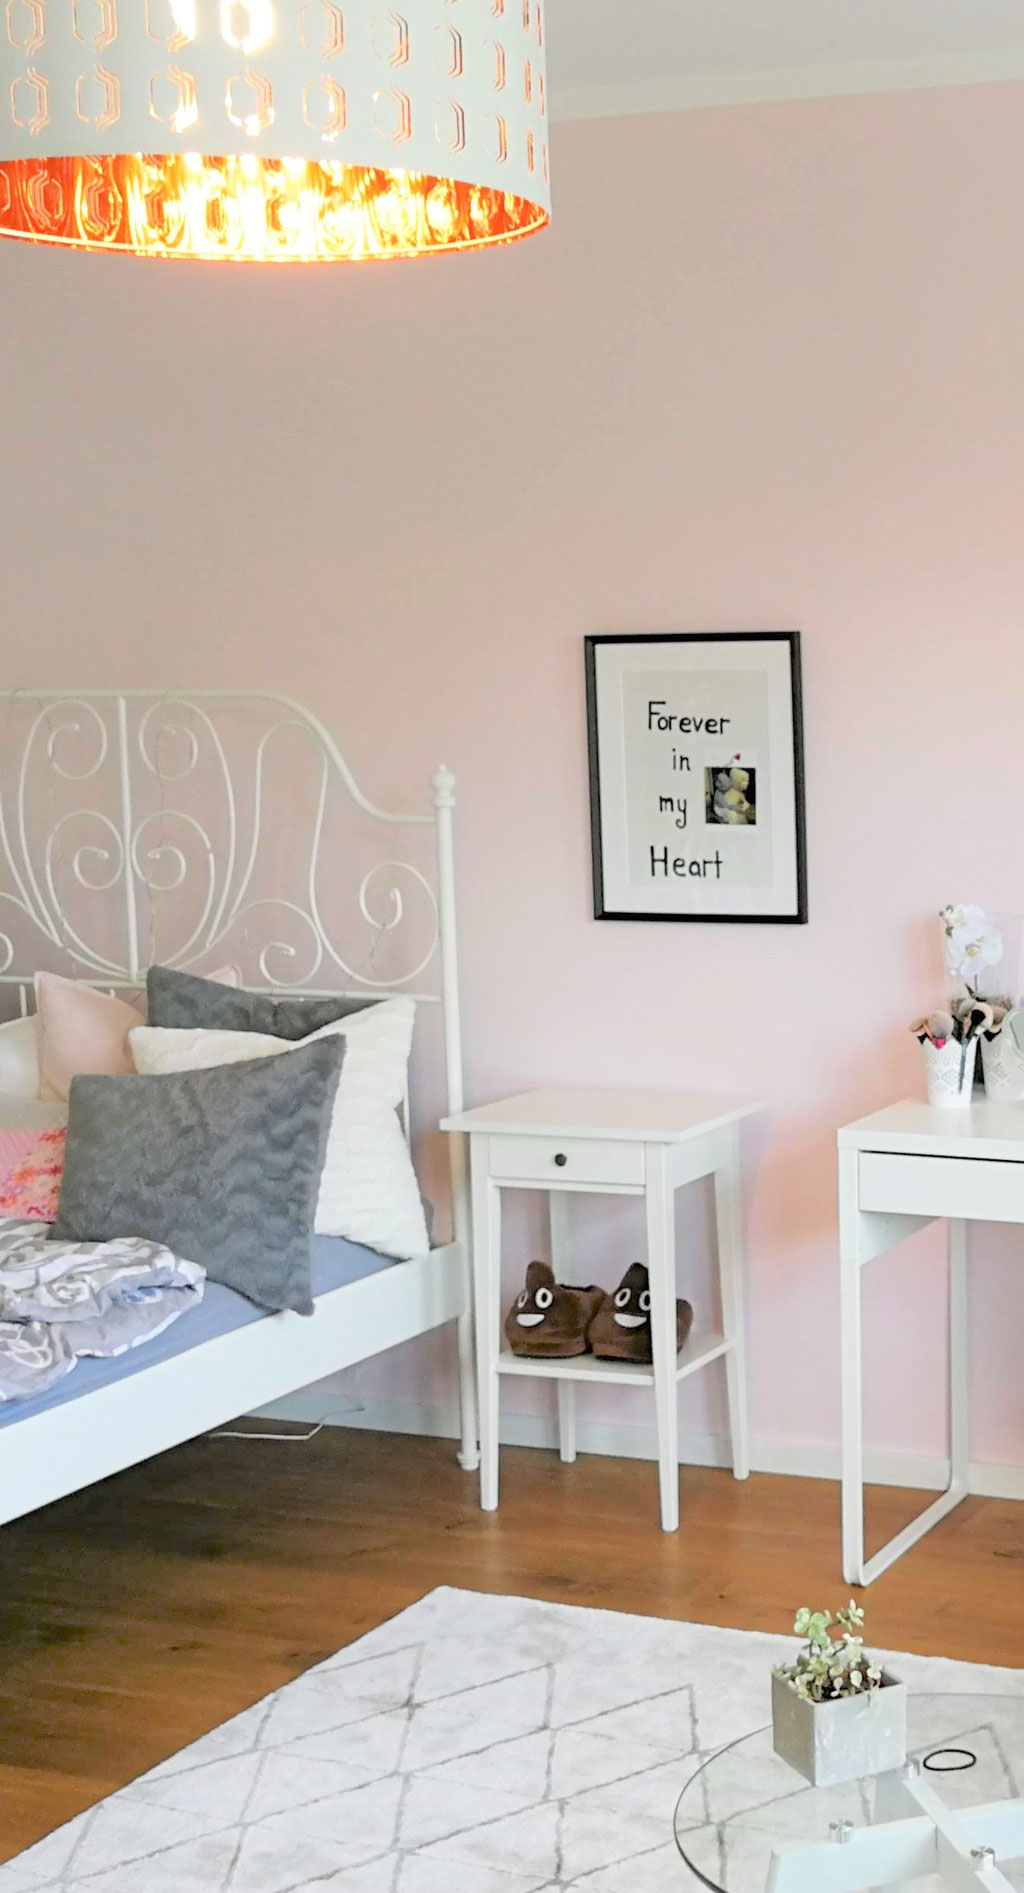 Entzückend Mädchen Jugendzimmer Foto Von Neugestaltung Eines Kinderzimmers, Rolf Kullmann Innenarchitekt, Atelier